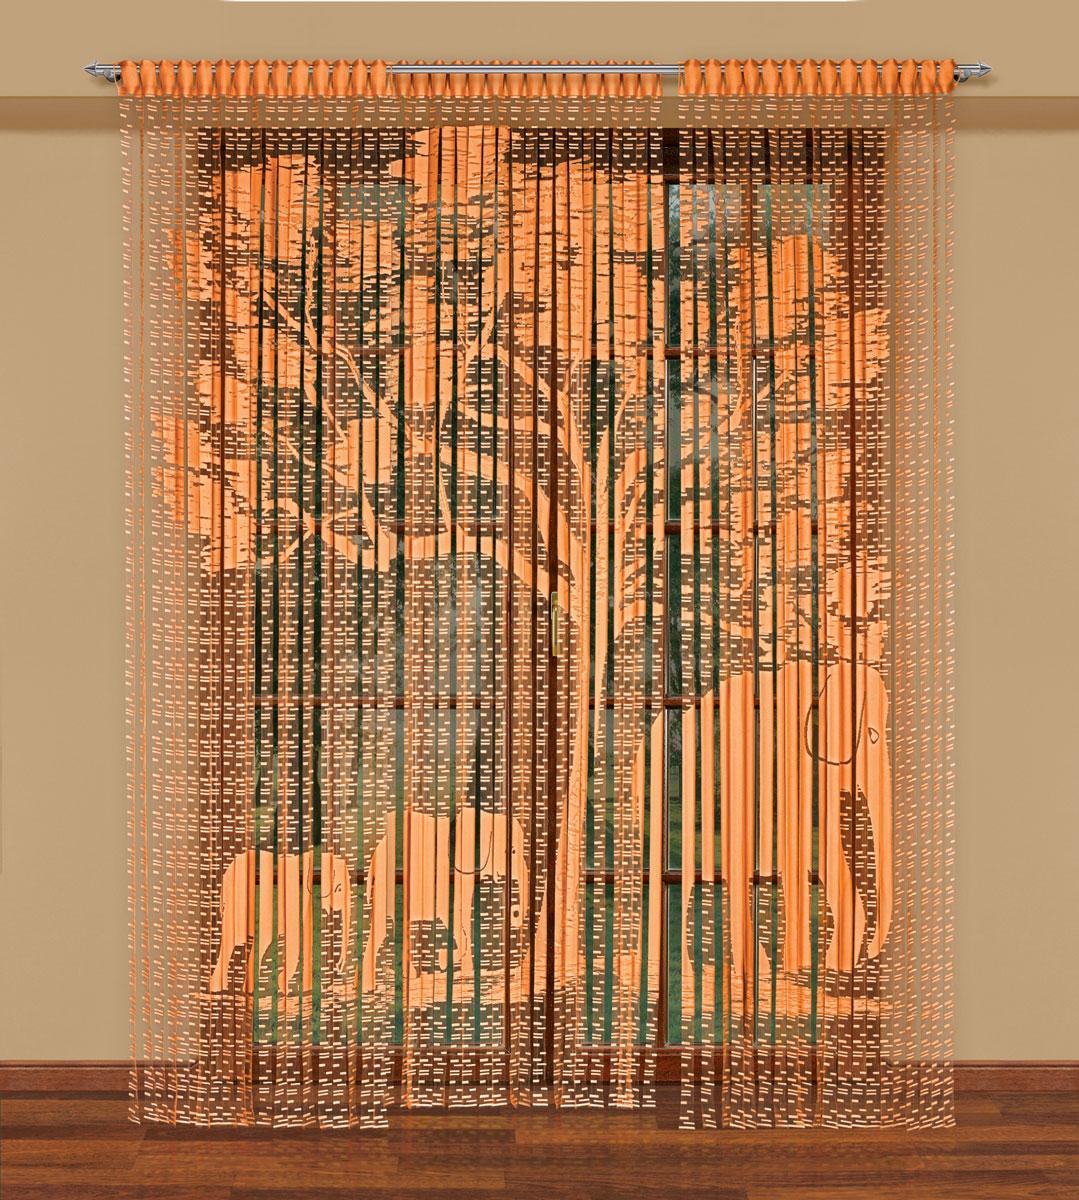 Гардина-лапша Haft, на петлях, цвет: оранжевый, высота 270 см. 212180212180/250 оранжевыйЛегкая гардина-лапша на петлях Haft, изготовленная из полиэстера, станетвеликолепным украшением любого окна. Оригинальный дизайн и приятнаяцветовая гамма привлекут к себе внимание и органично впишутся в интерьеркомнаты.